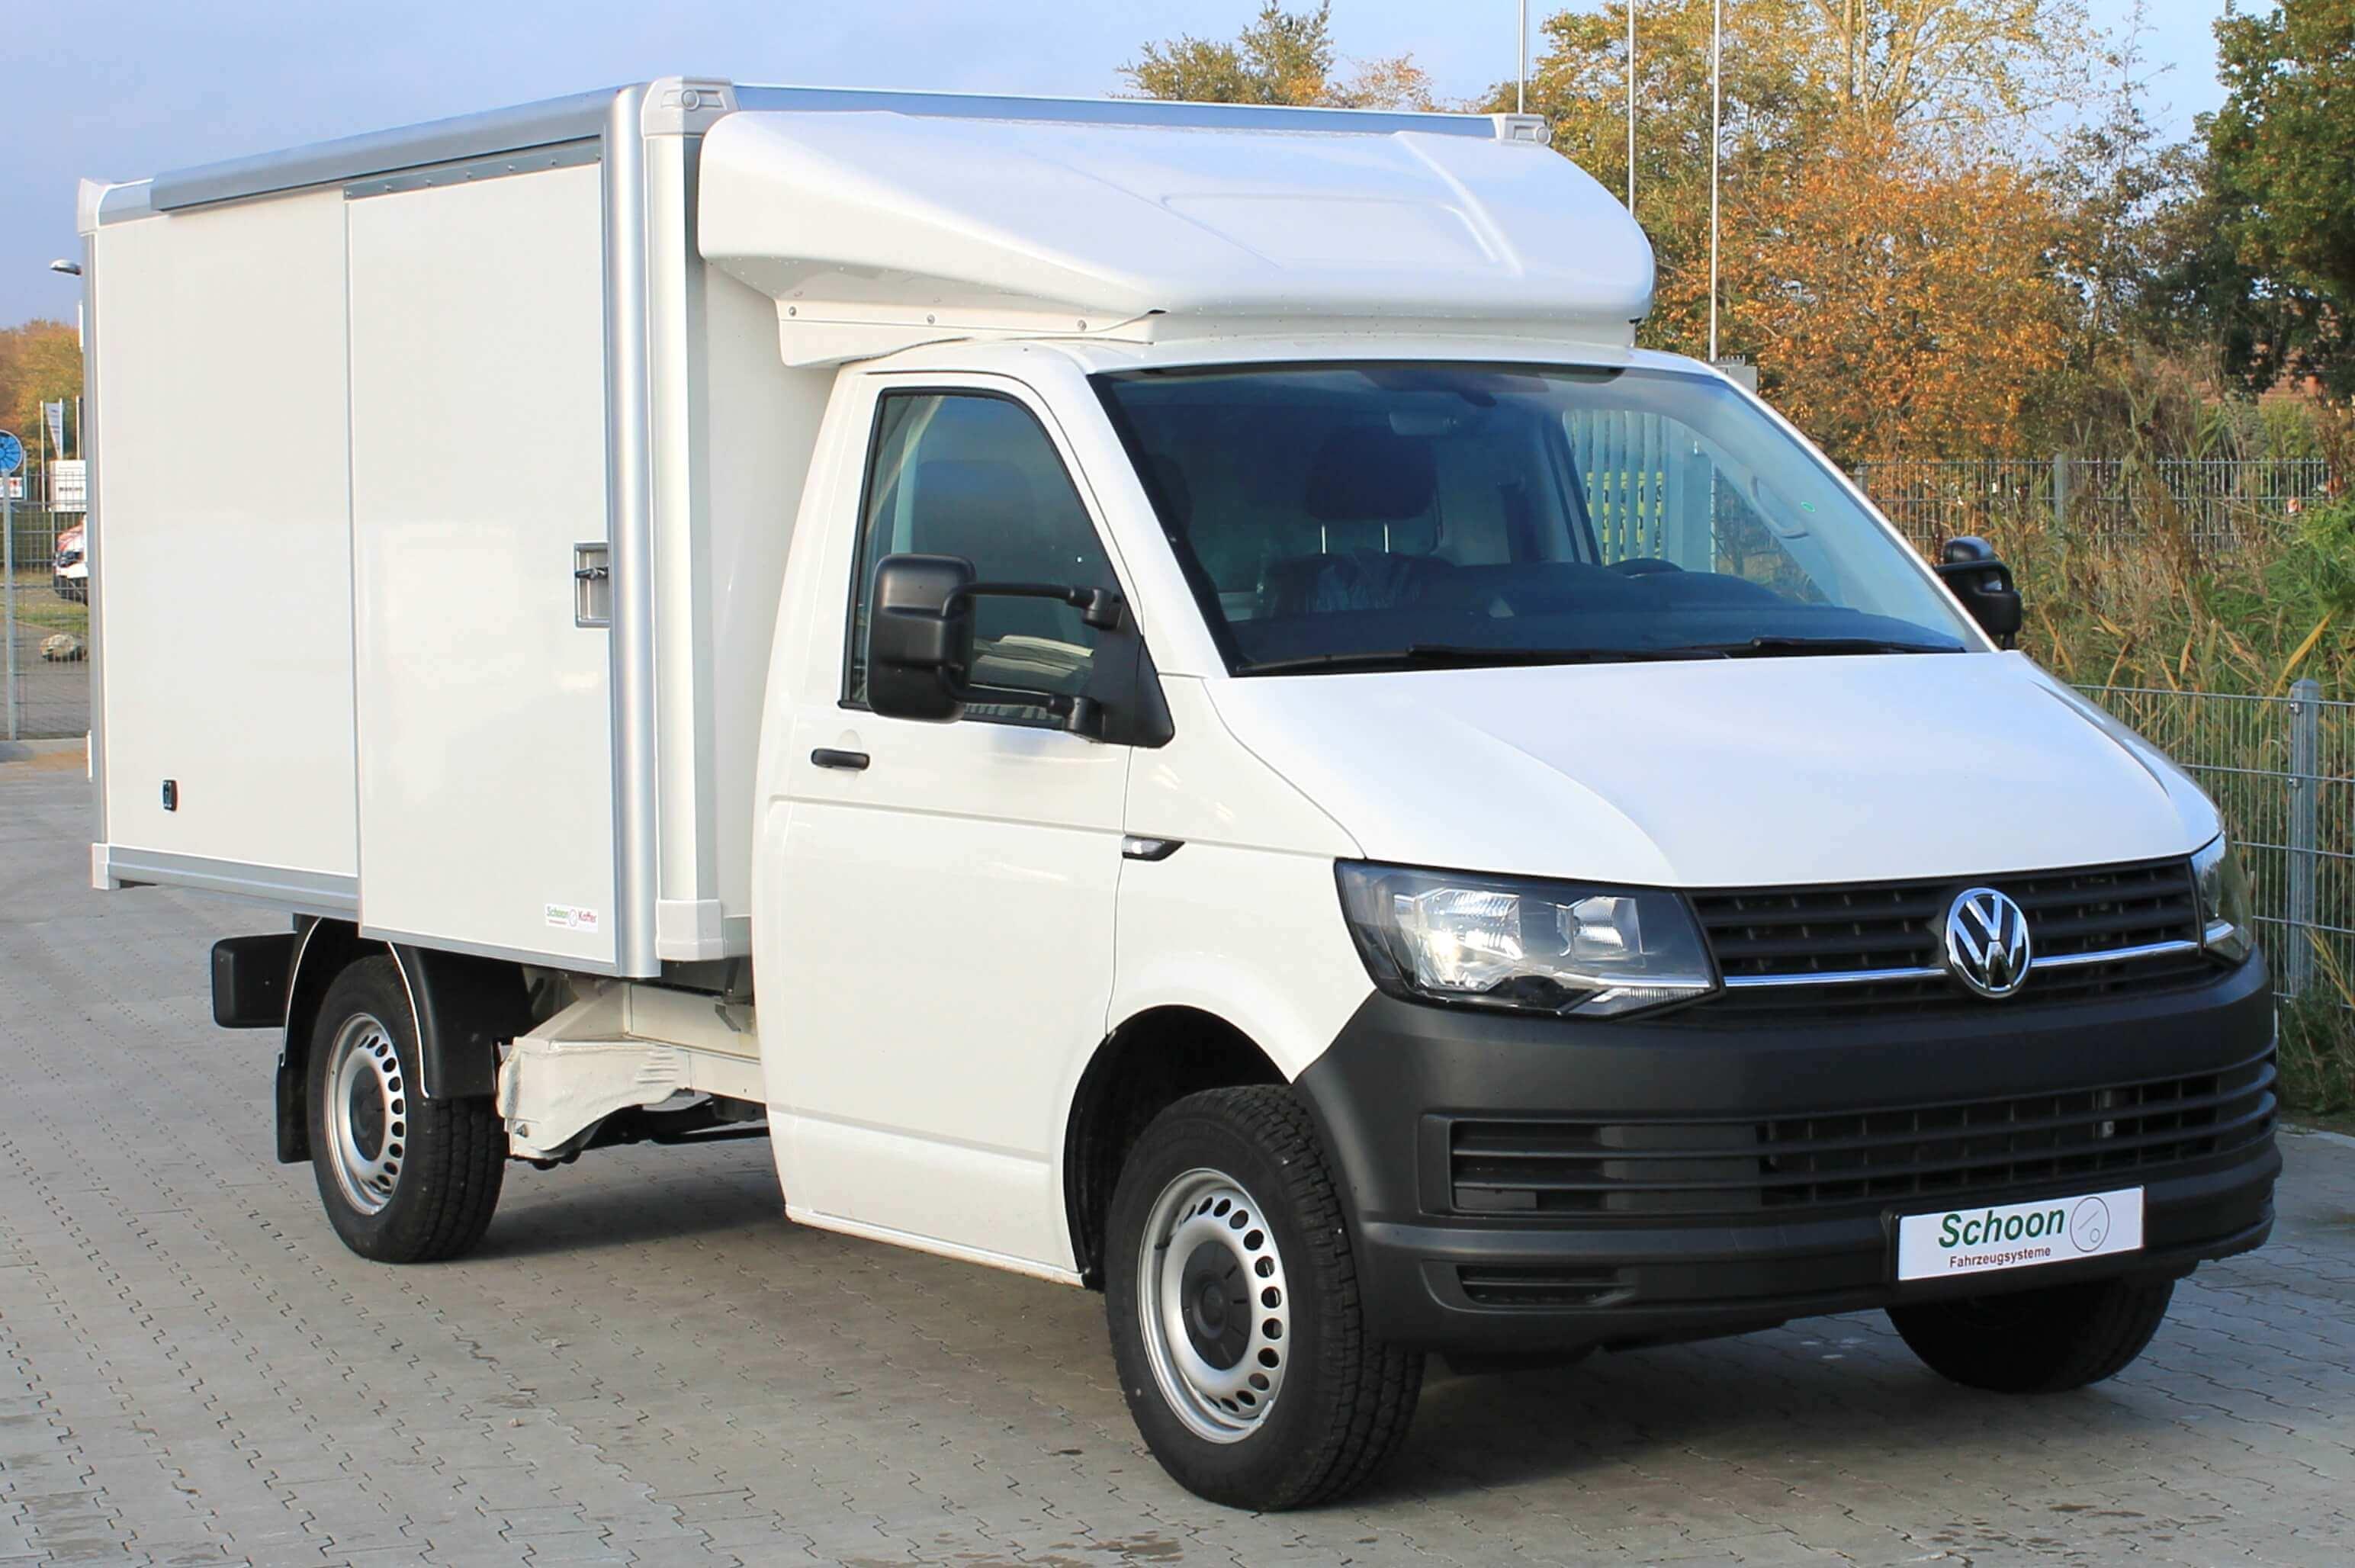 VW T6 Elektro mit Leichtbau Koffer, Schiebetüren, Innenbeleuchtung, Dachspoiler, AB1901318 (28)